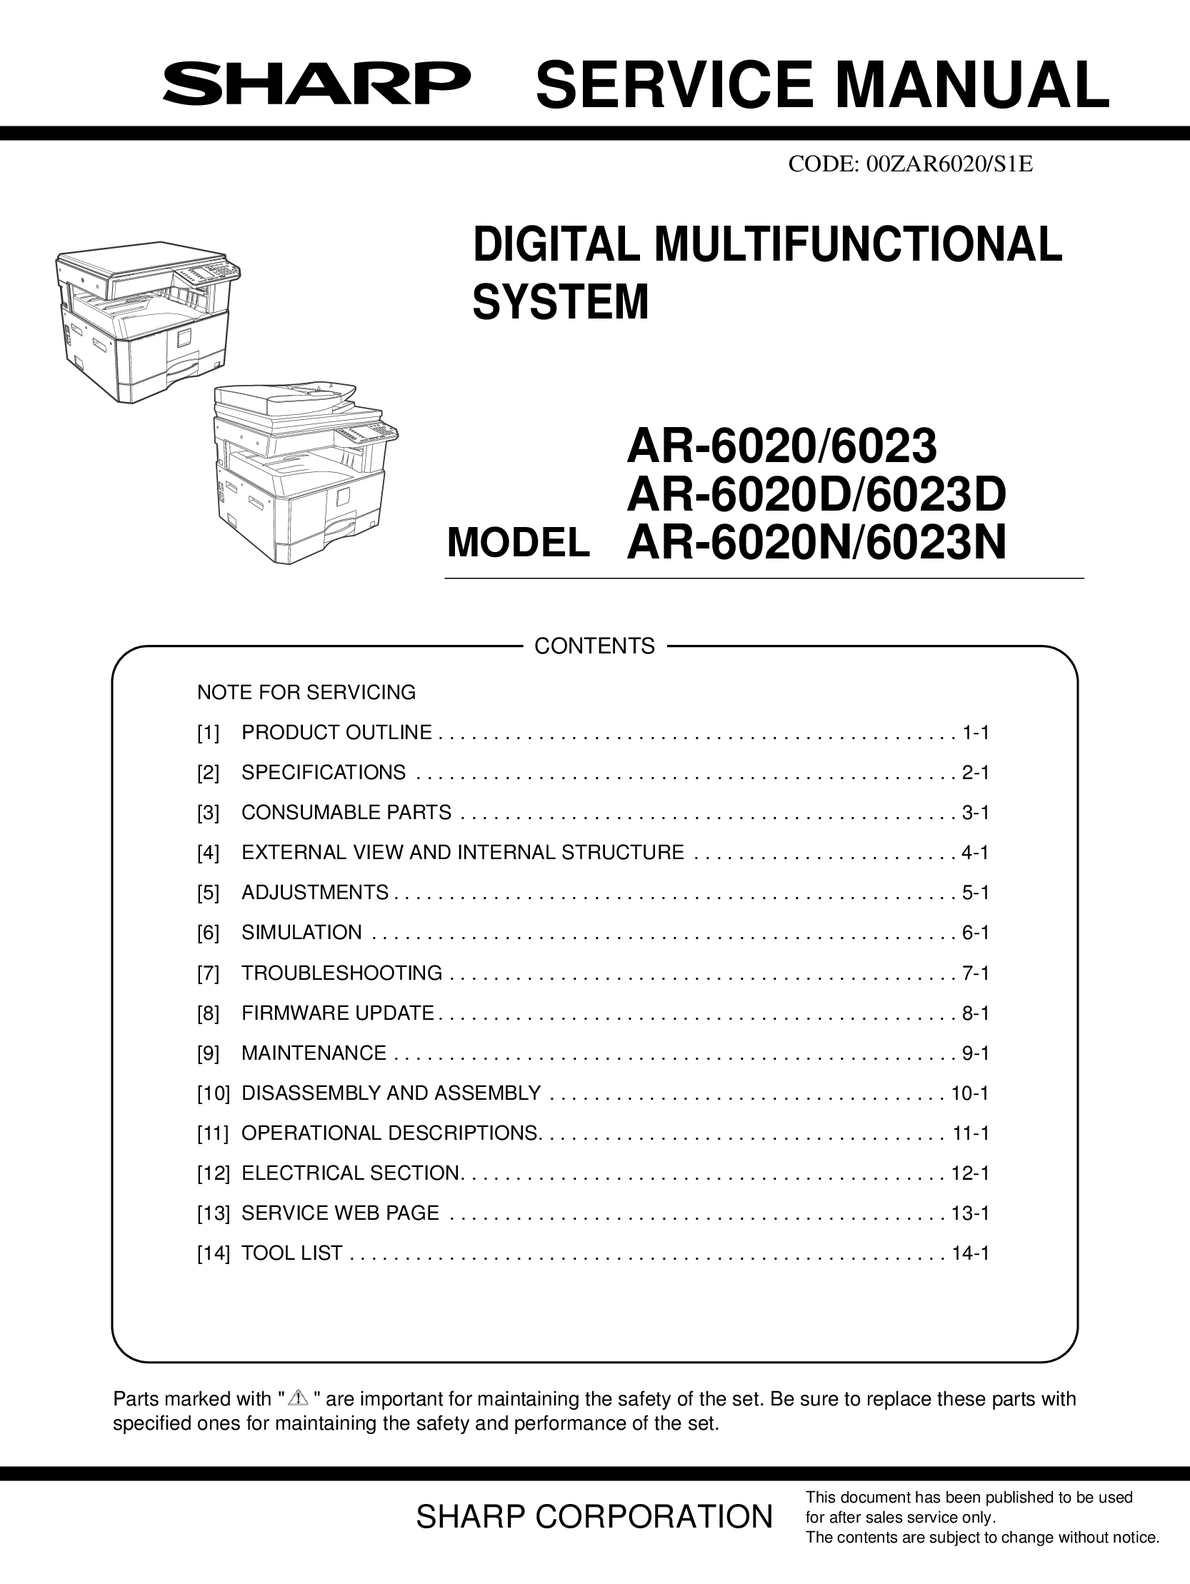 calaméo service manual ar 6031